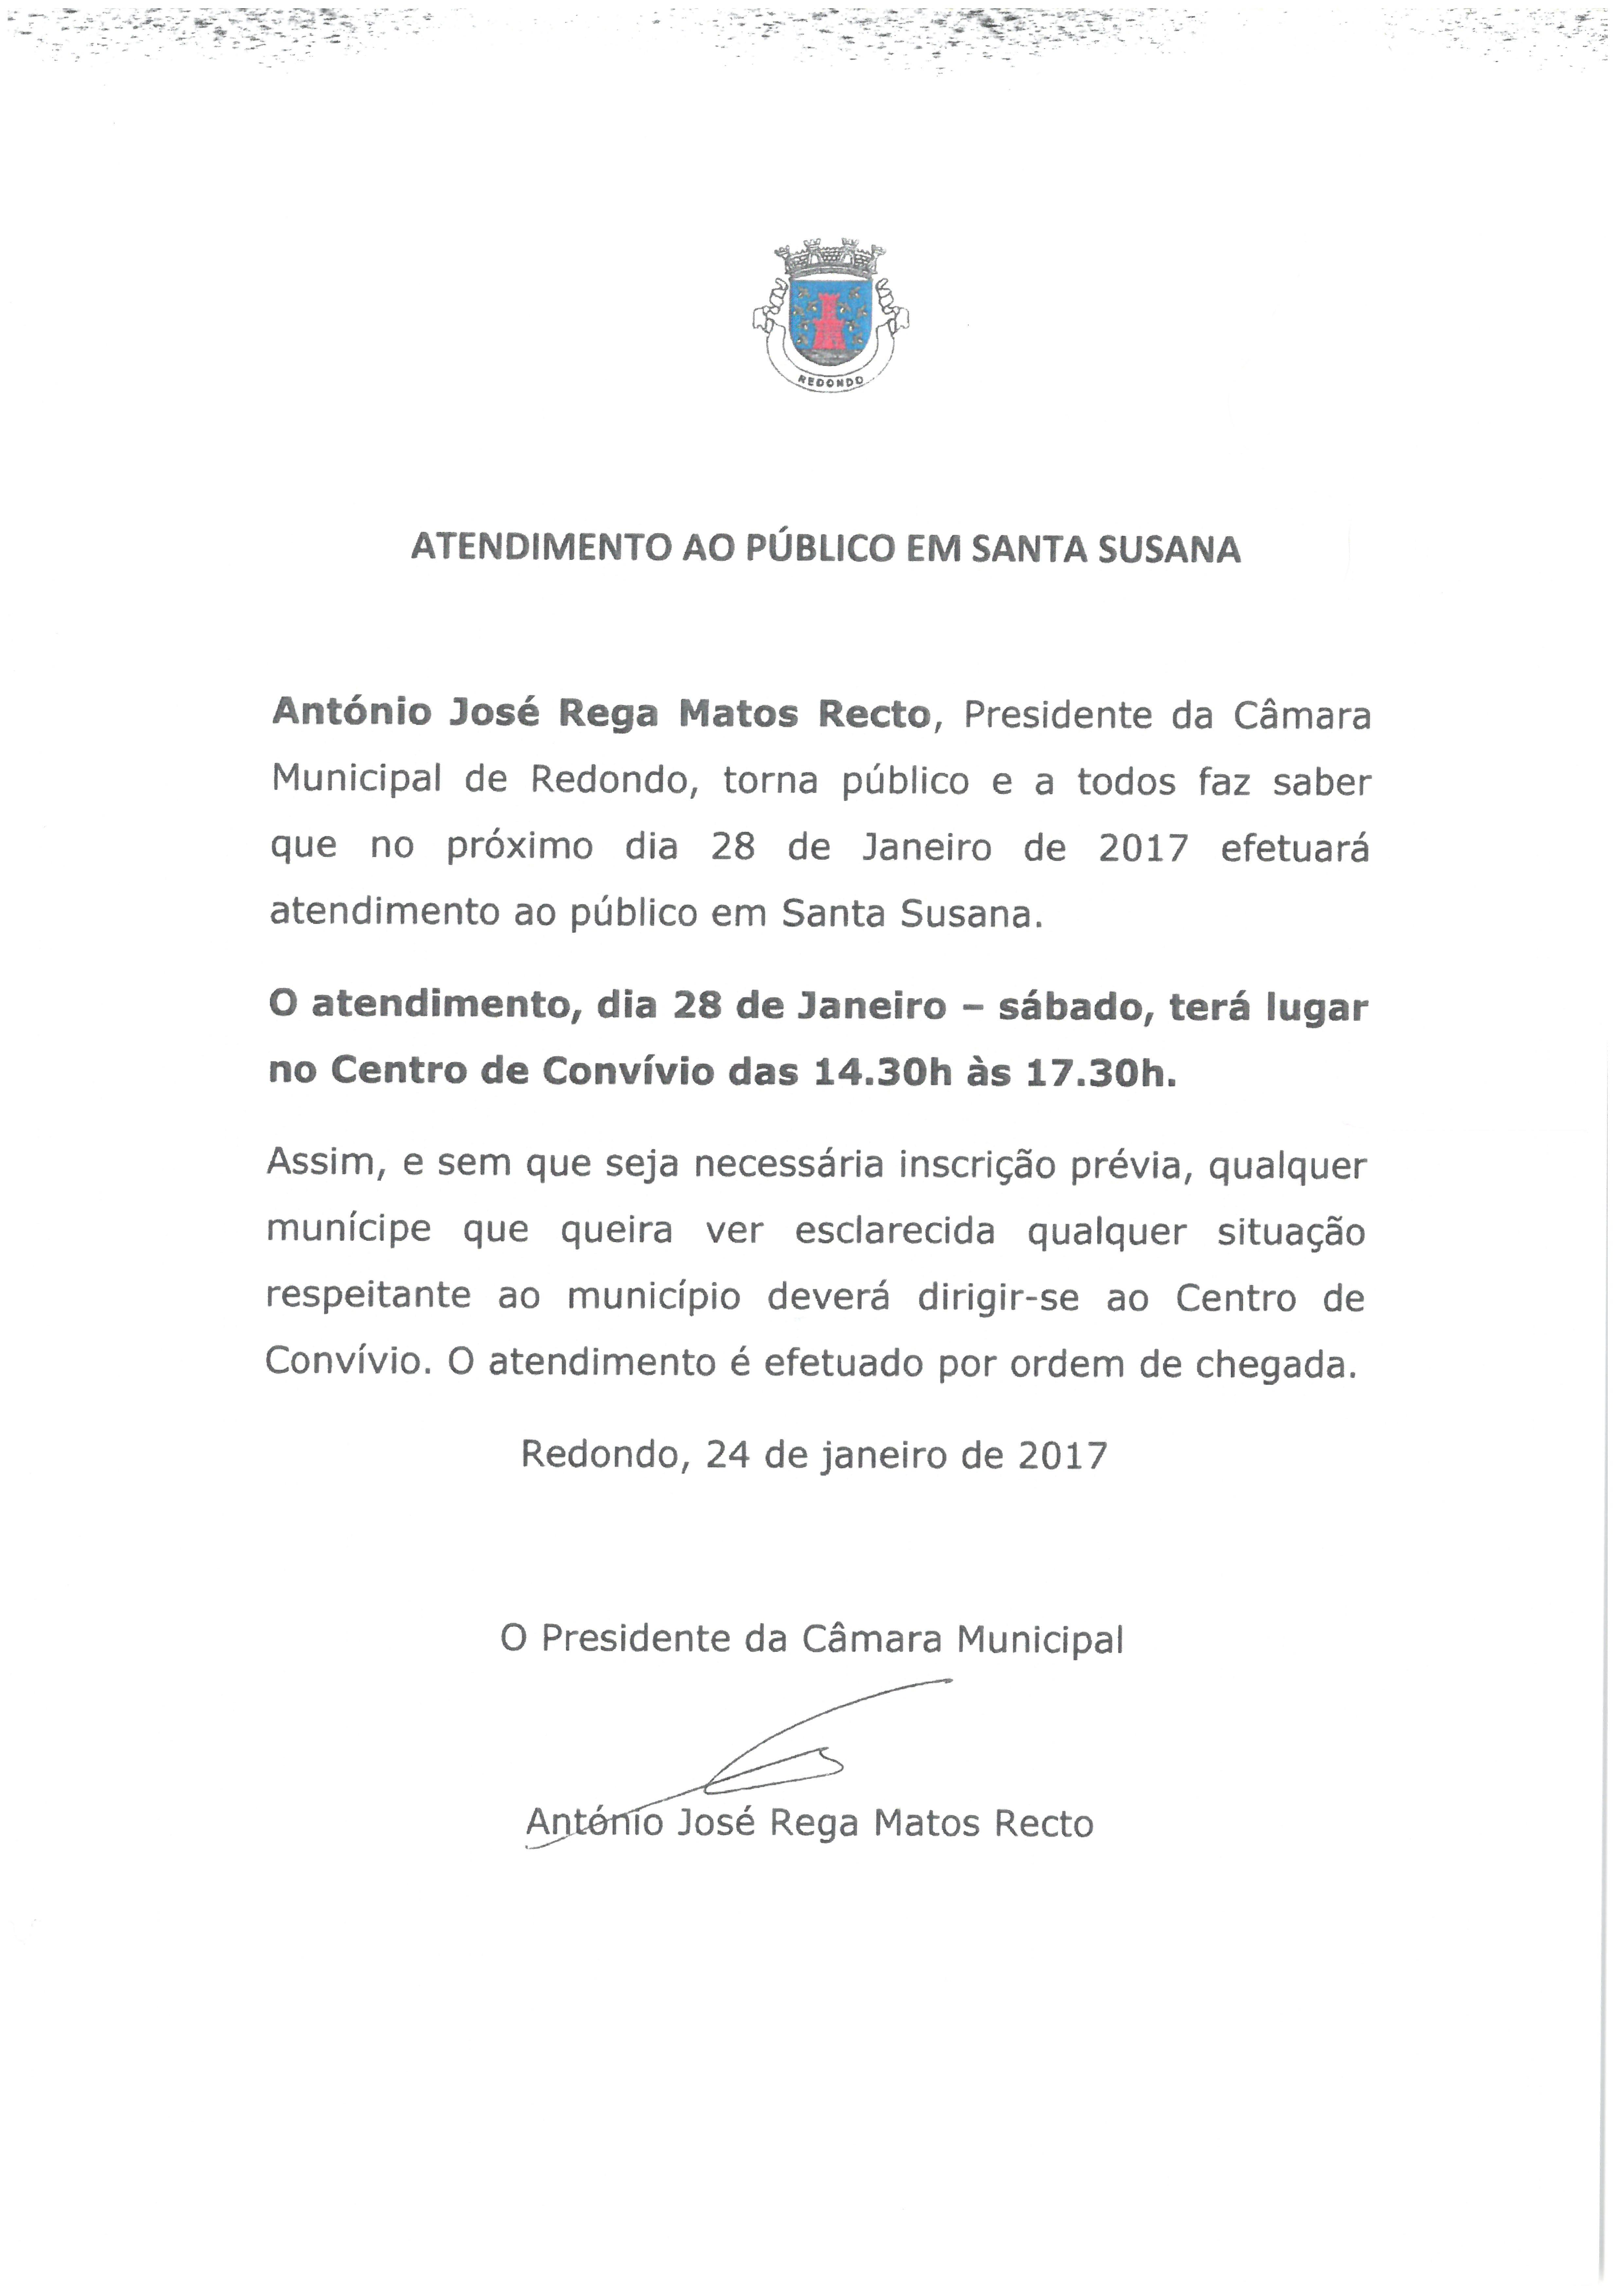 Atendimento Público em Santa Susana.jpg